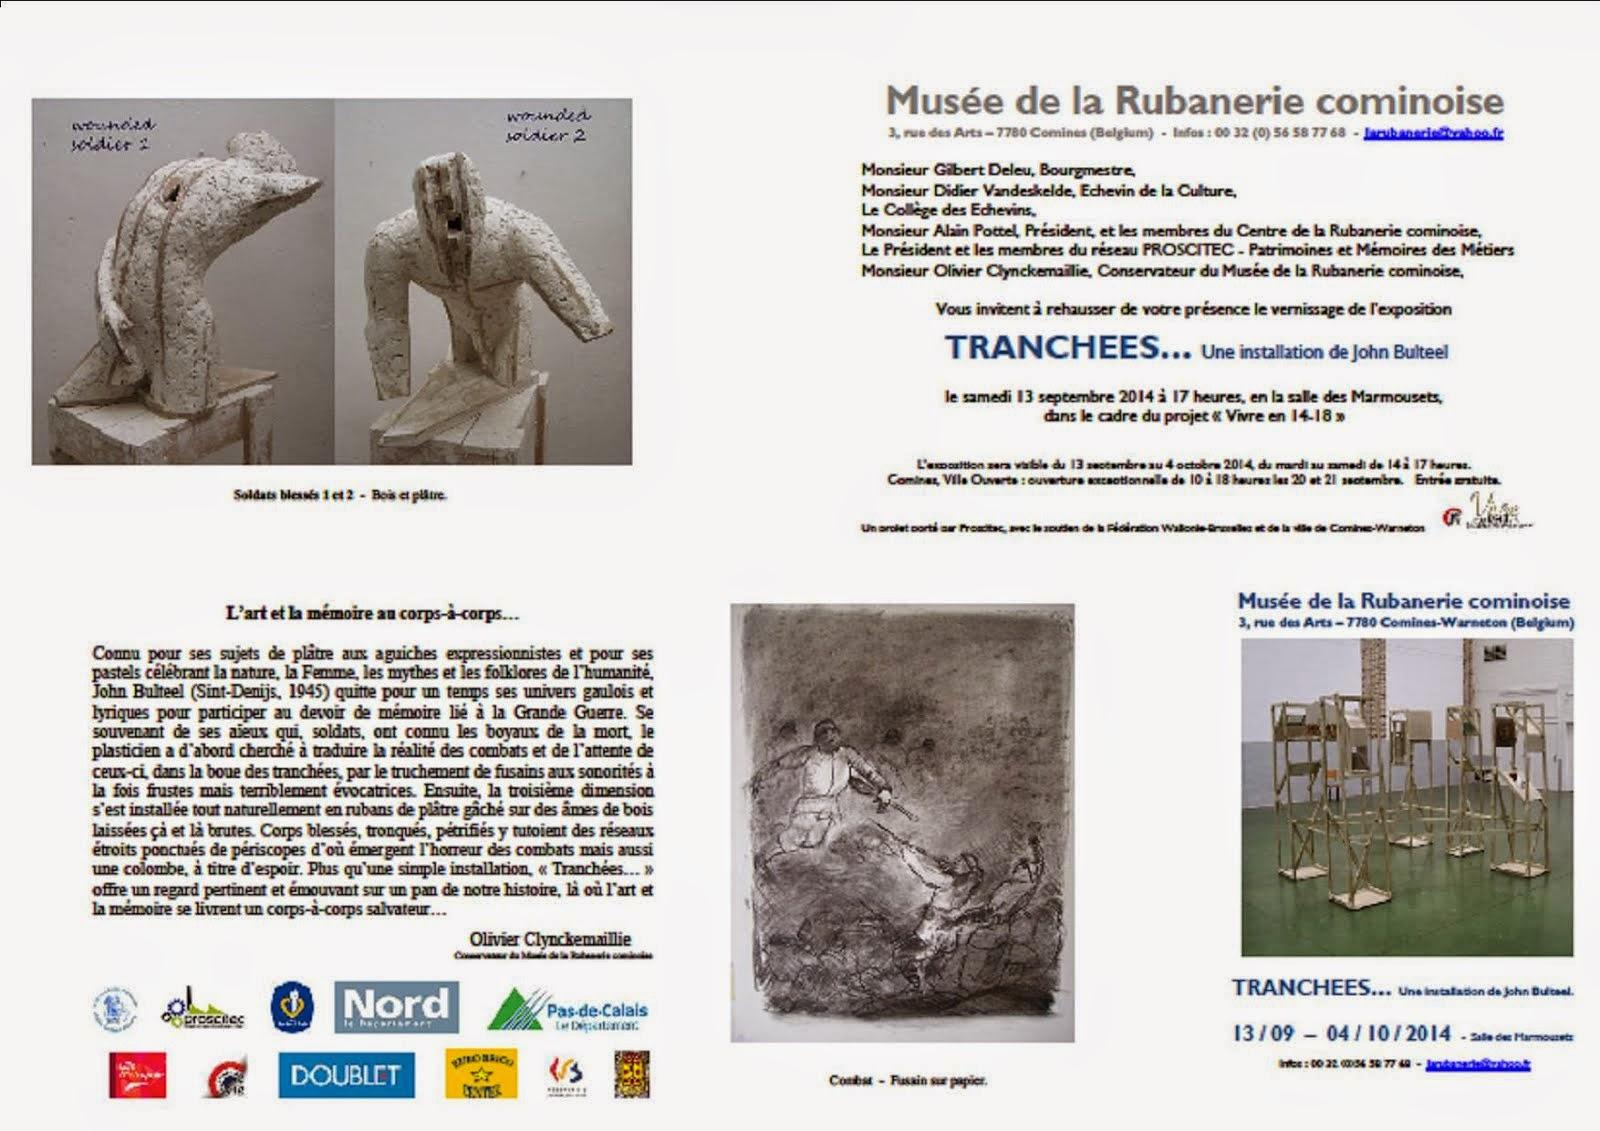 EXPOSITION JOHN BULTEEL JUSQU'AU 4 OCTOBRE A LA RUBANERIE